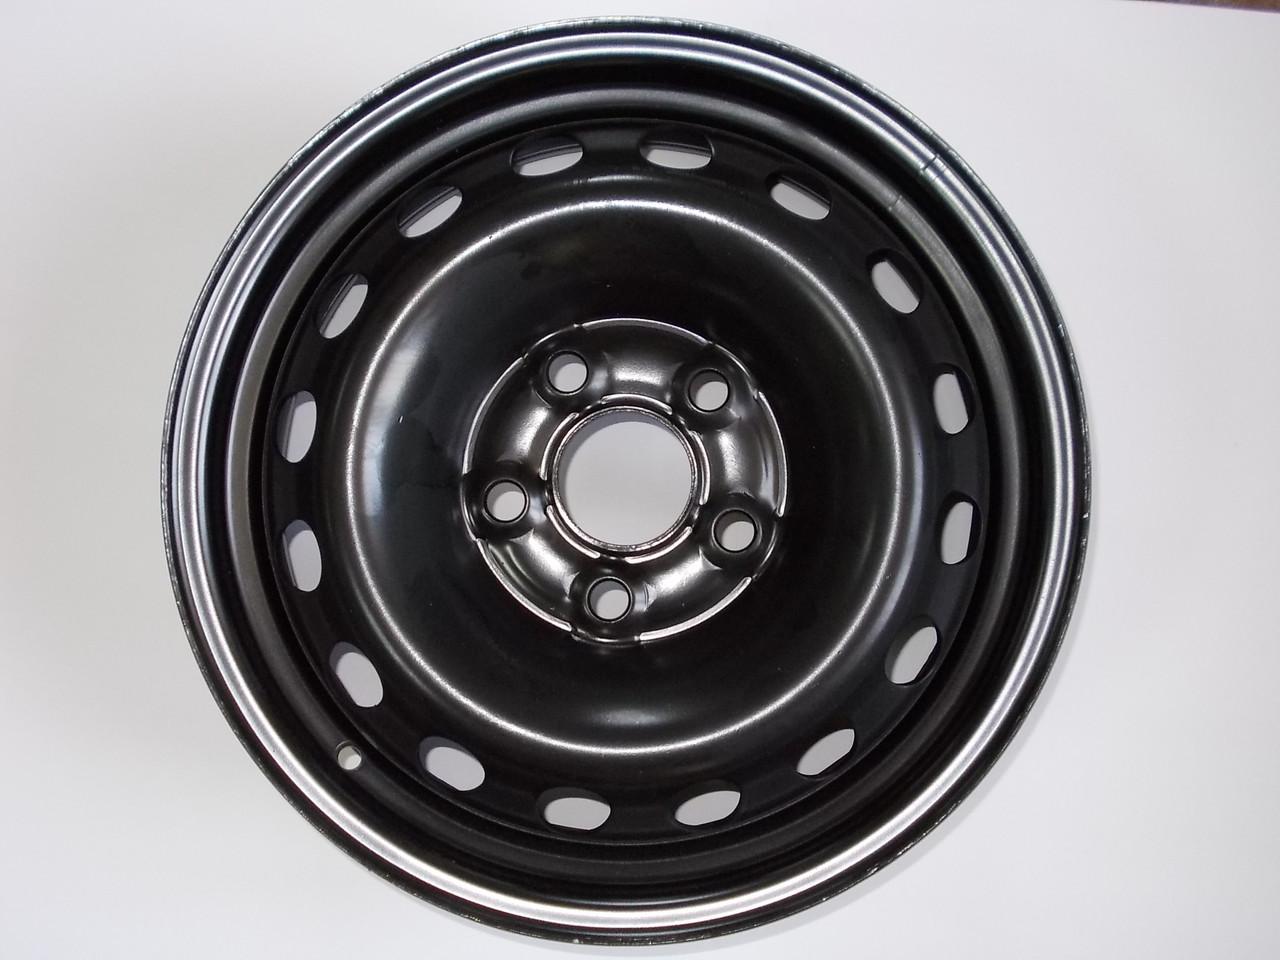 Стальные диски R16 5x118, стальные диски на Nissan Primastar, железные диски на Ниссан Примастар